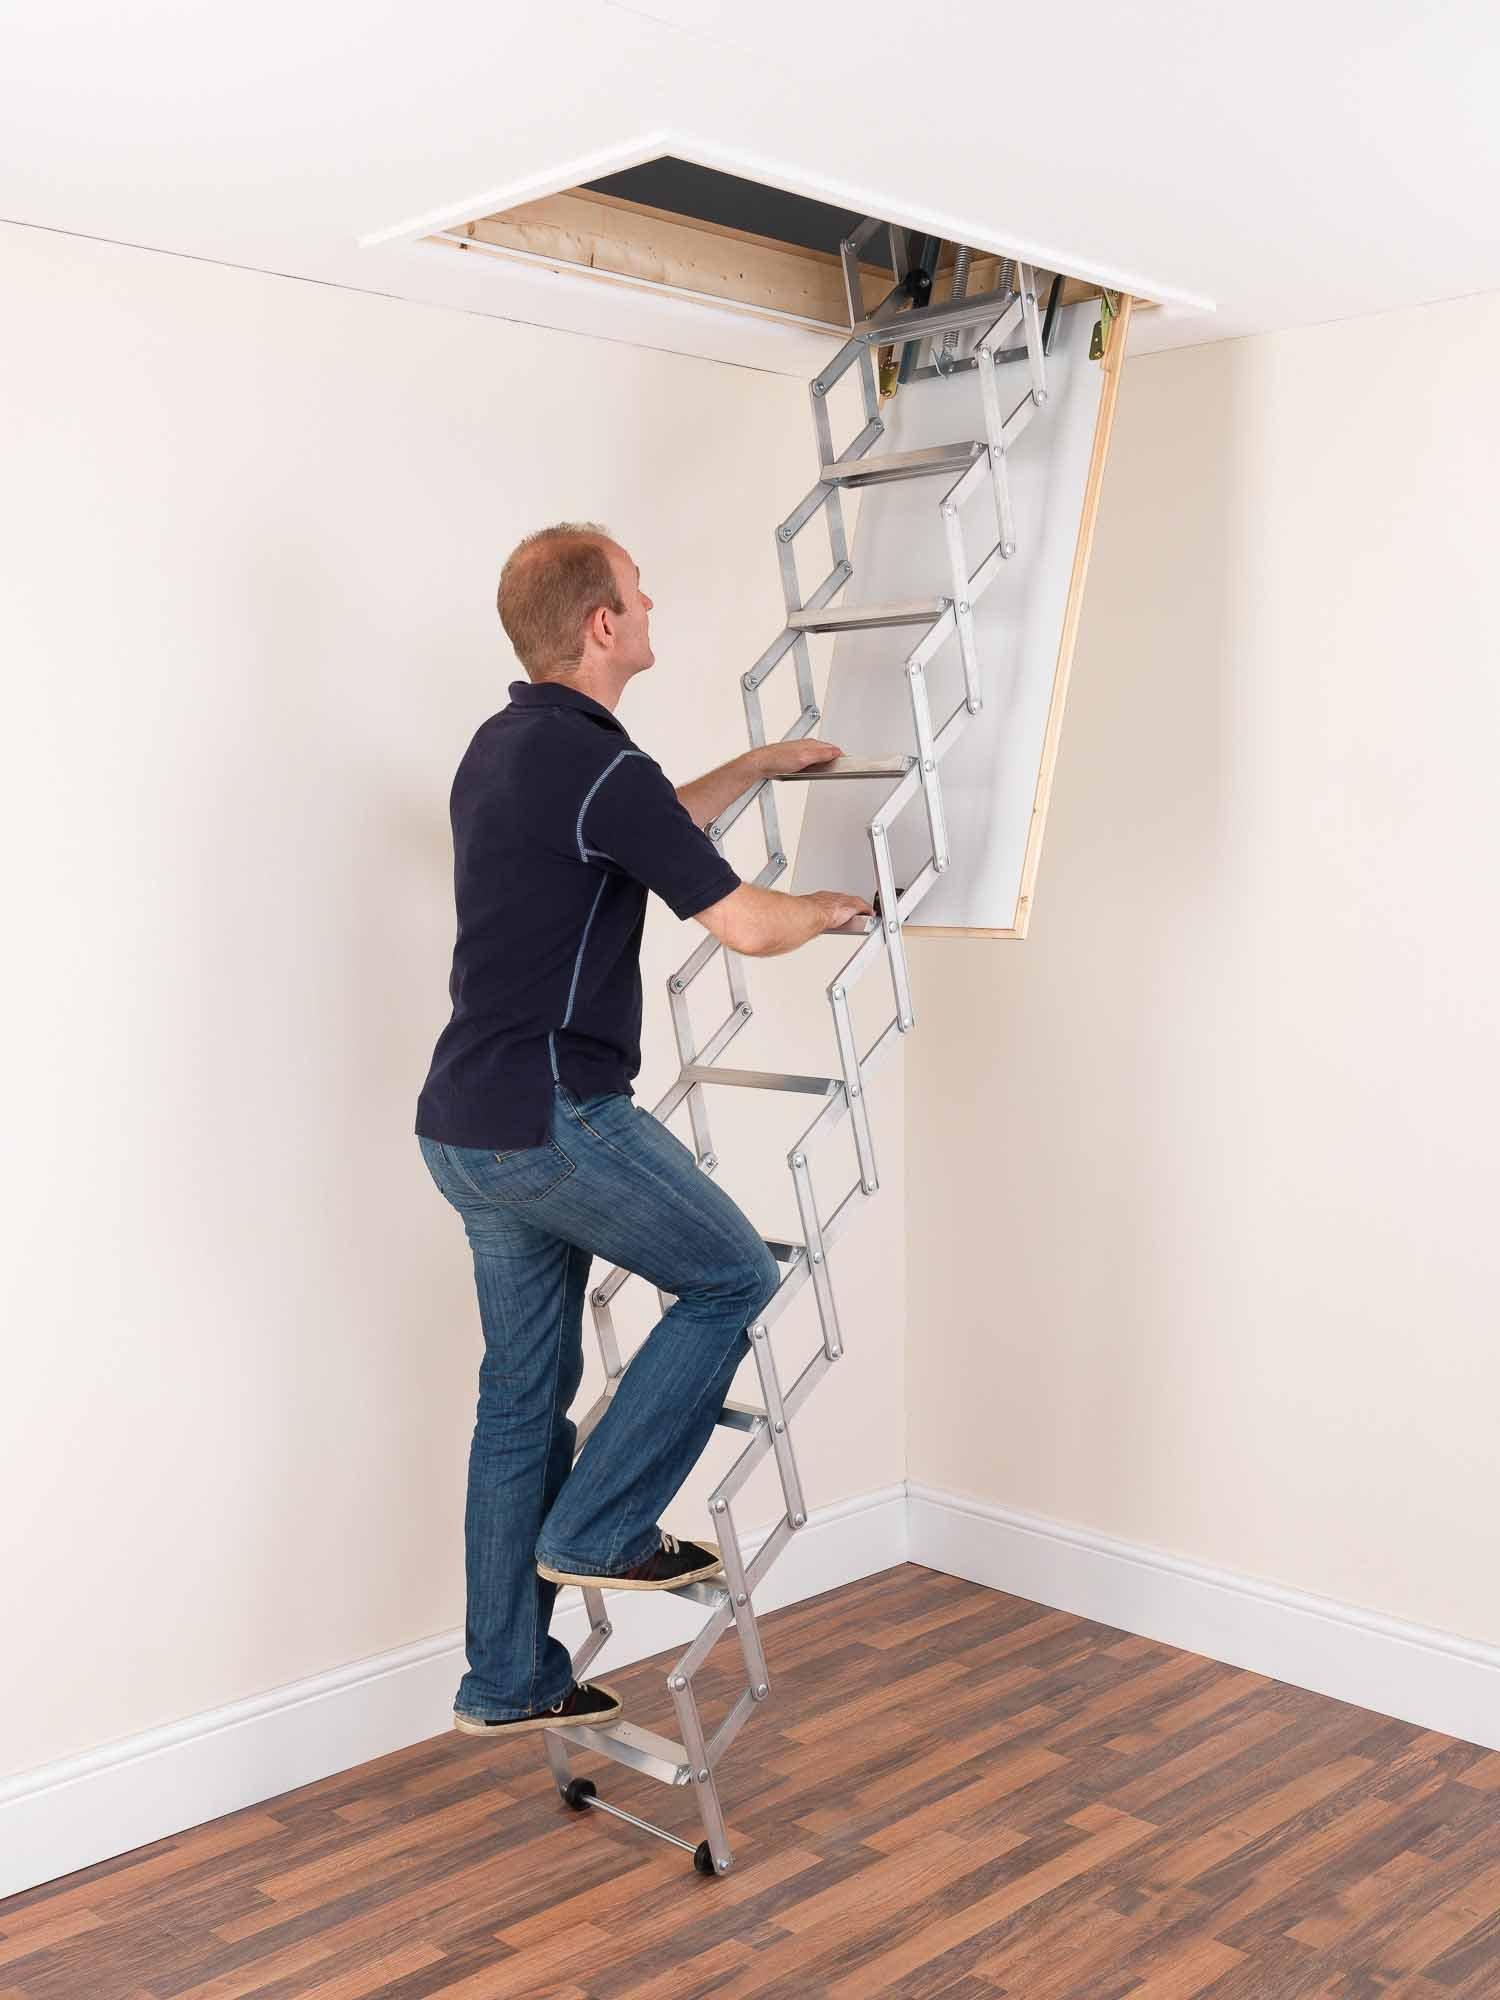 Alufix 1502-005 - Escalera para áticos (tamaño: 10 Tread): Amazon.es: Bricolaje y herramientas